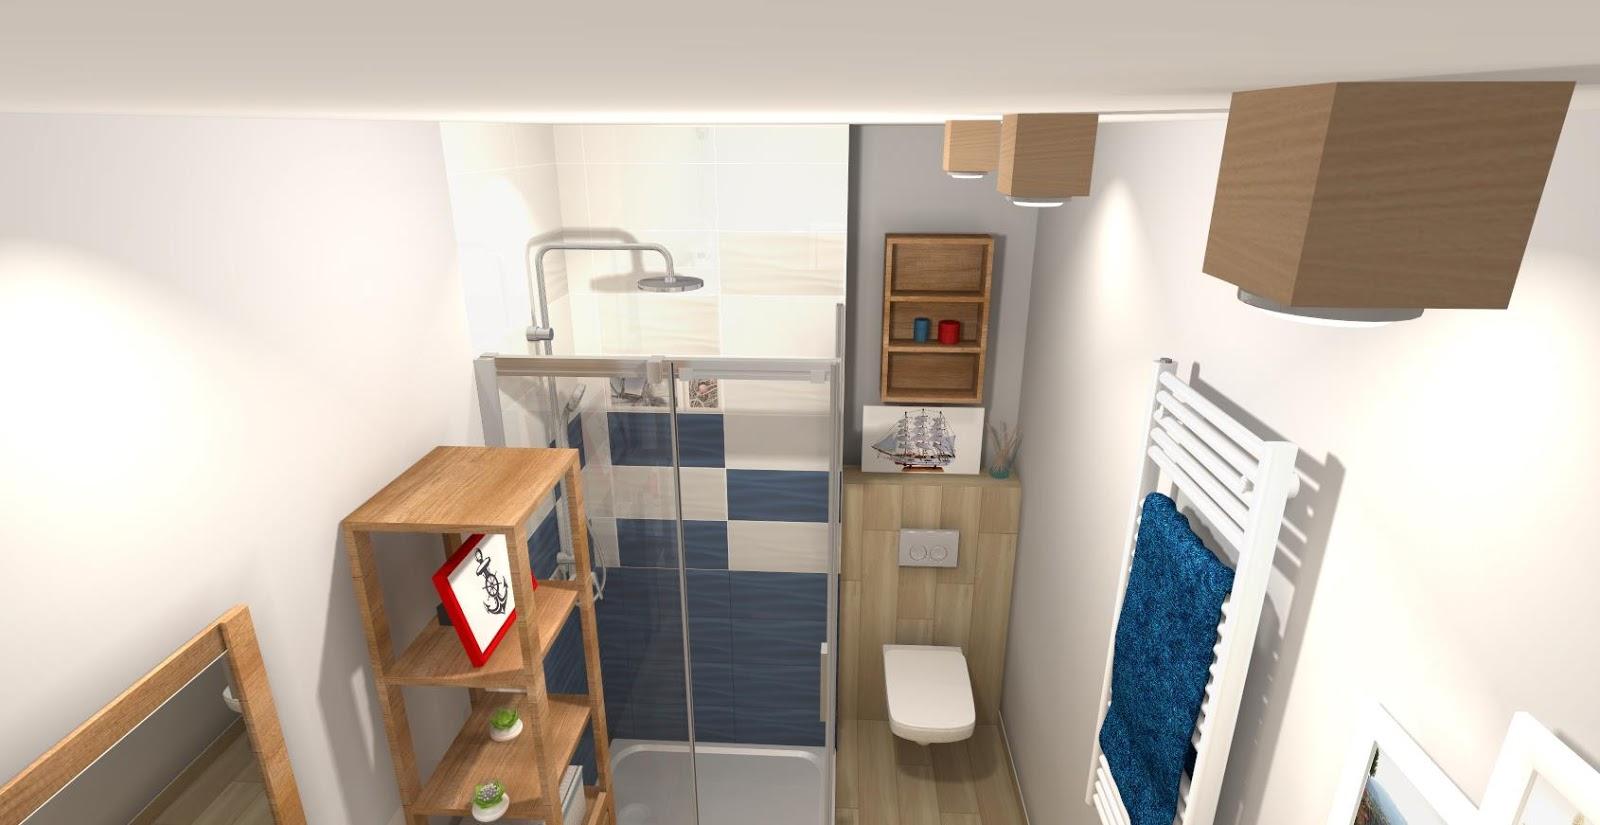 Projekt łazienki Z Leroy Marlin Zobaczcie Jakie To Proste